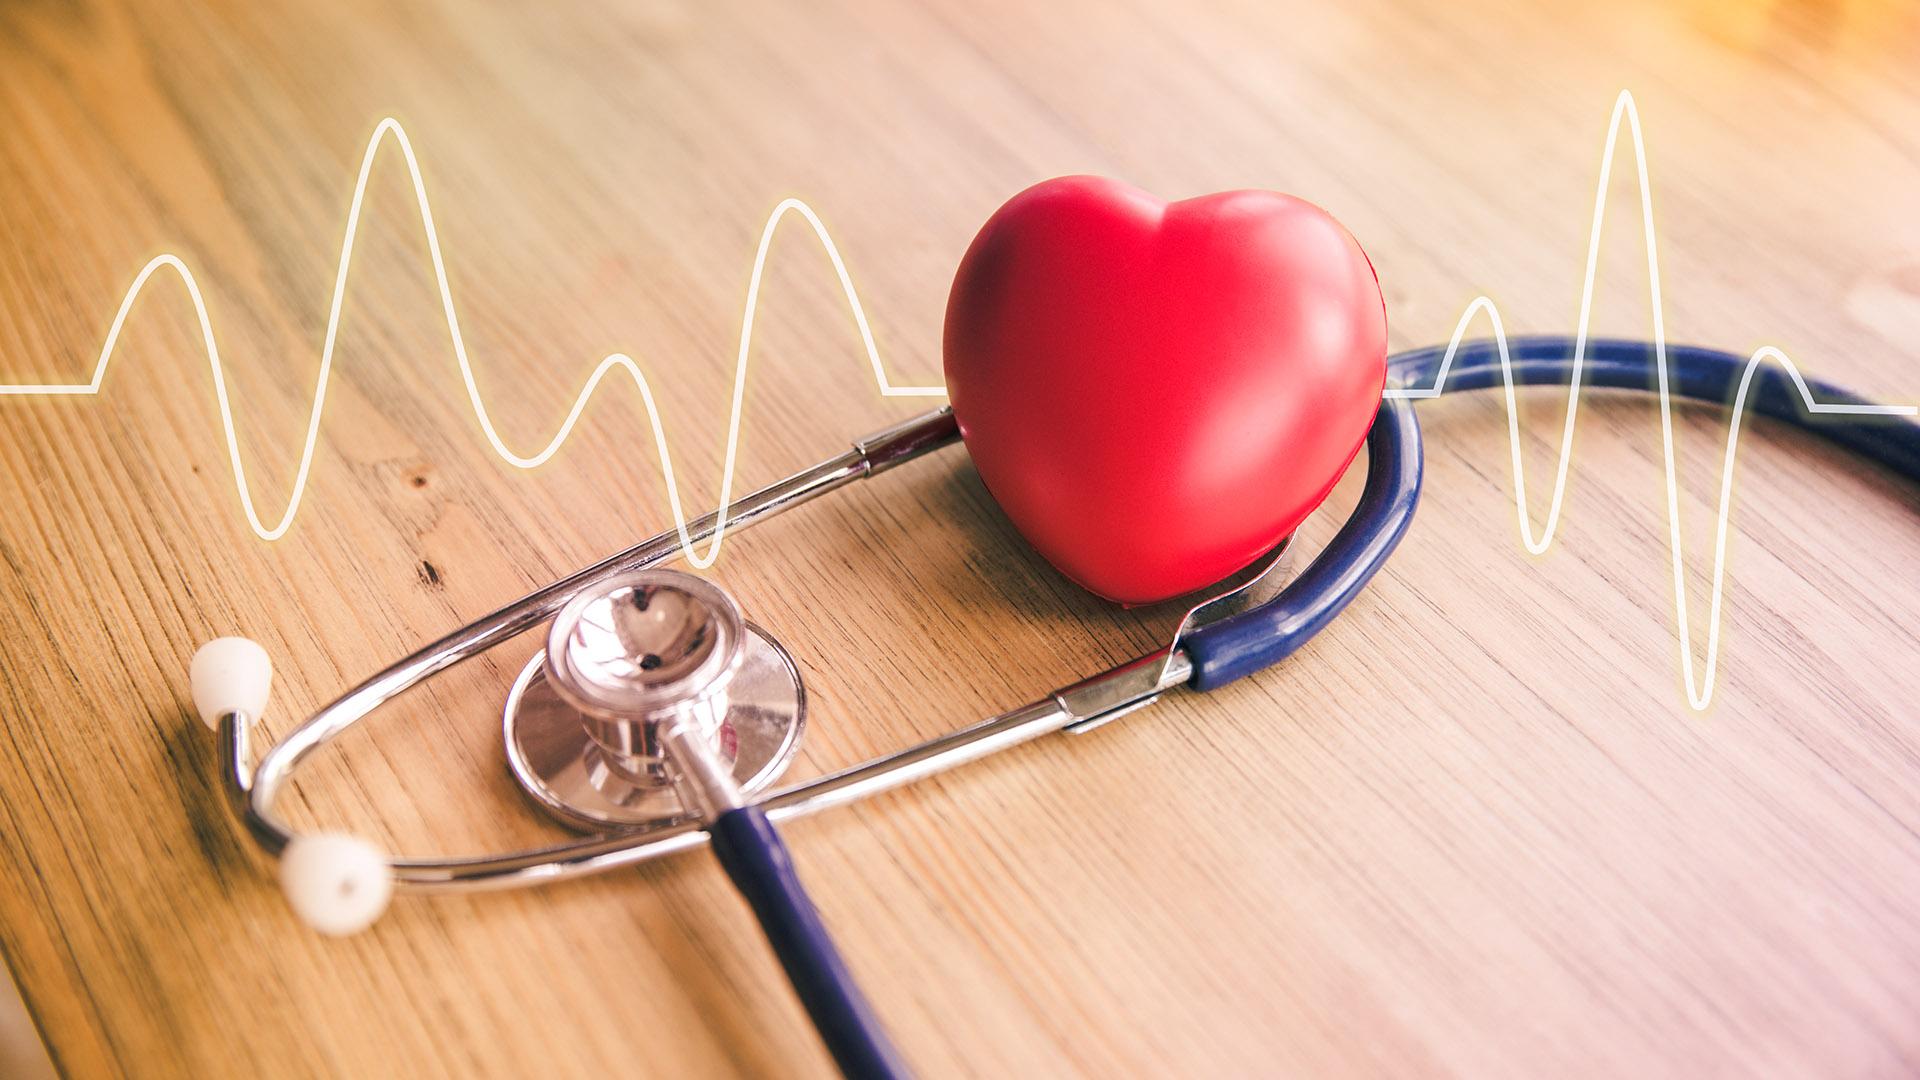 El estudio PURE analizó los datos de 18 países para evaluar el bajo uso de medicamentos para el corazón en relación con la carencia de disponibilidad o accesibilidad. En el listado, incluyen: aspirina, beta bloqueadores, inhibidores de la enzima de conversión y estatinas.(Getty)